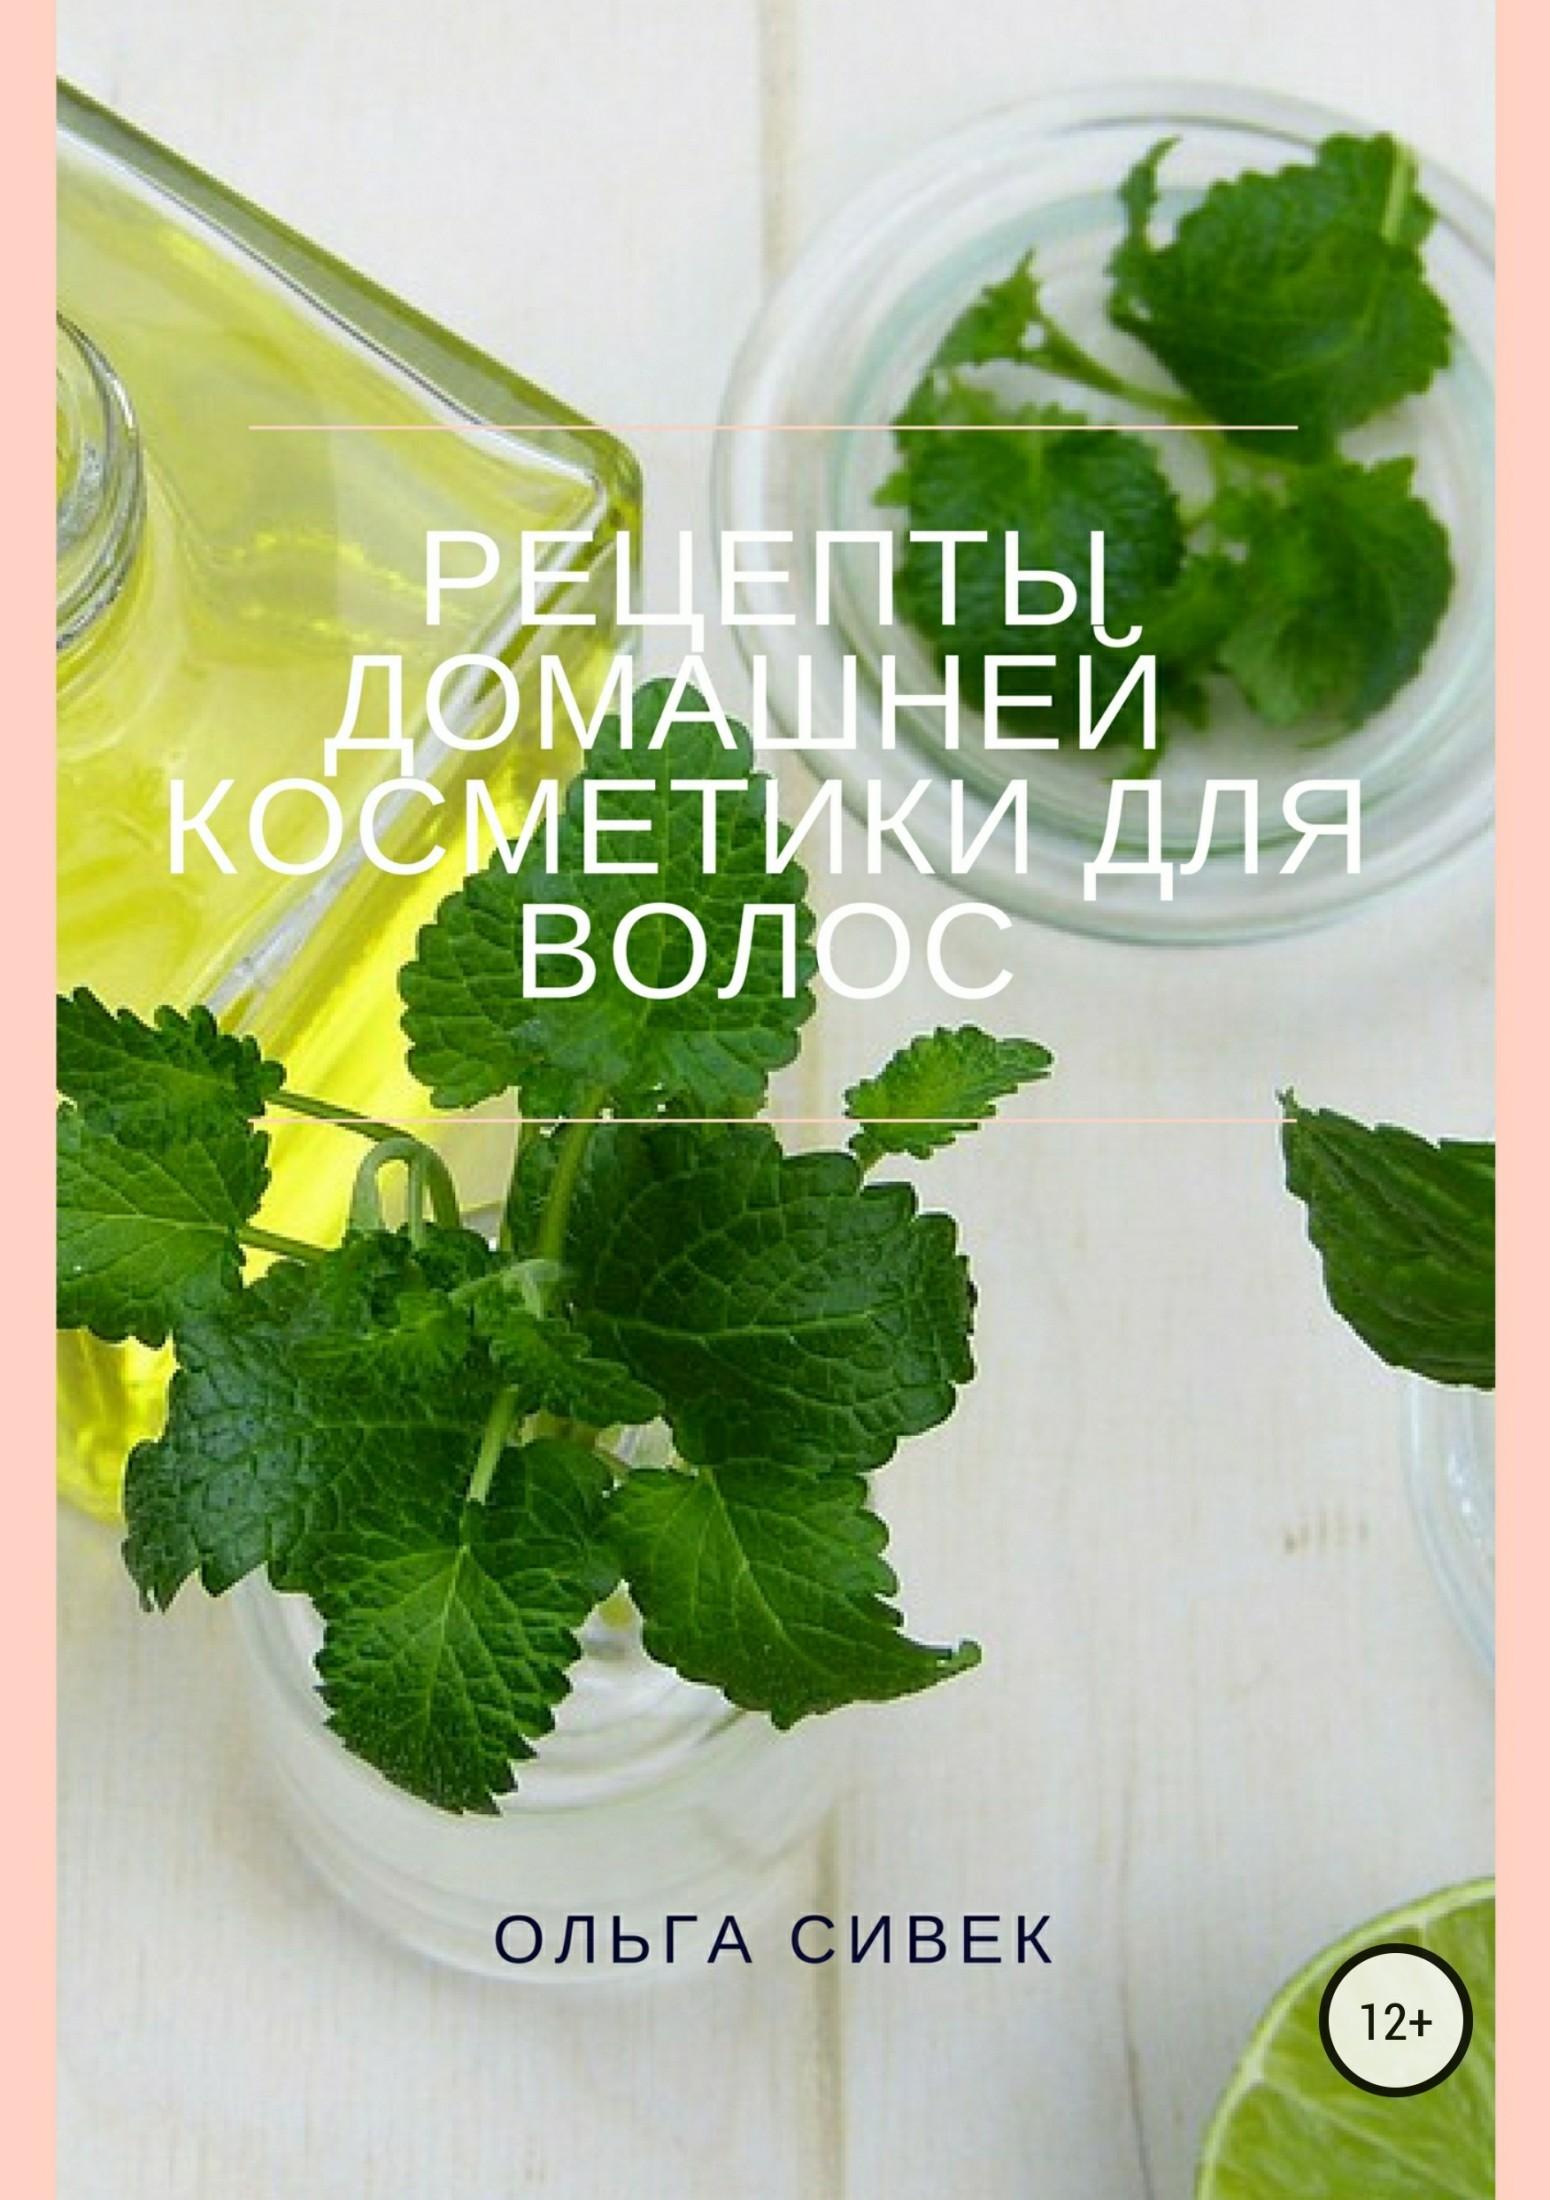 Ольга Сивек. Рецепты домашней косметики для волос